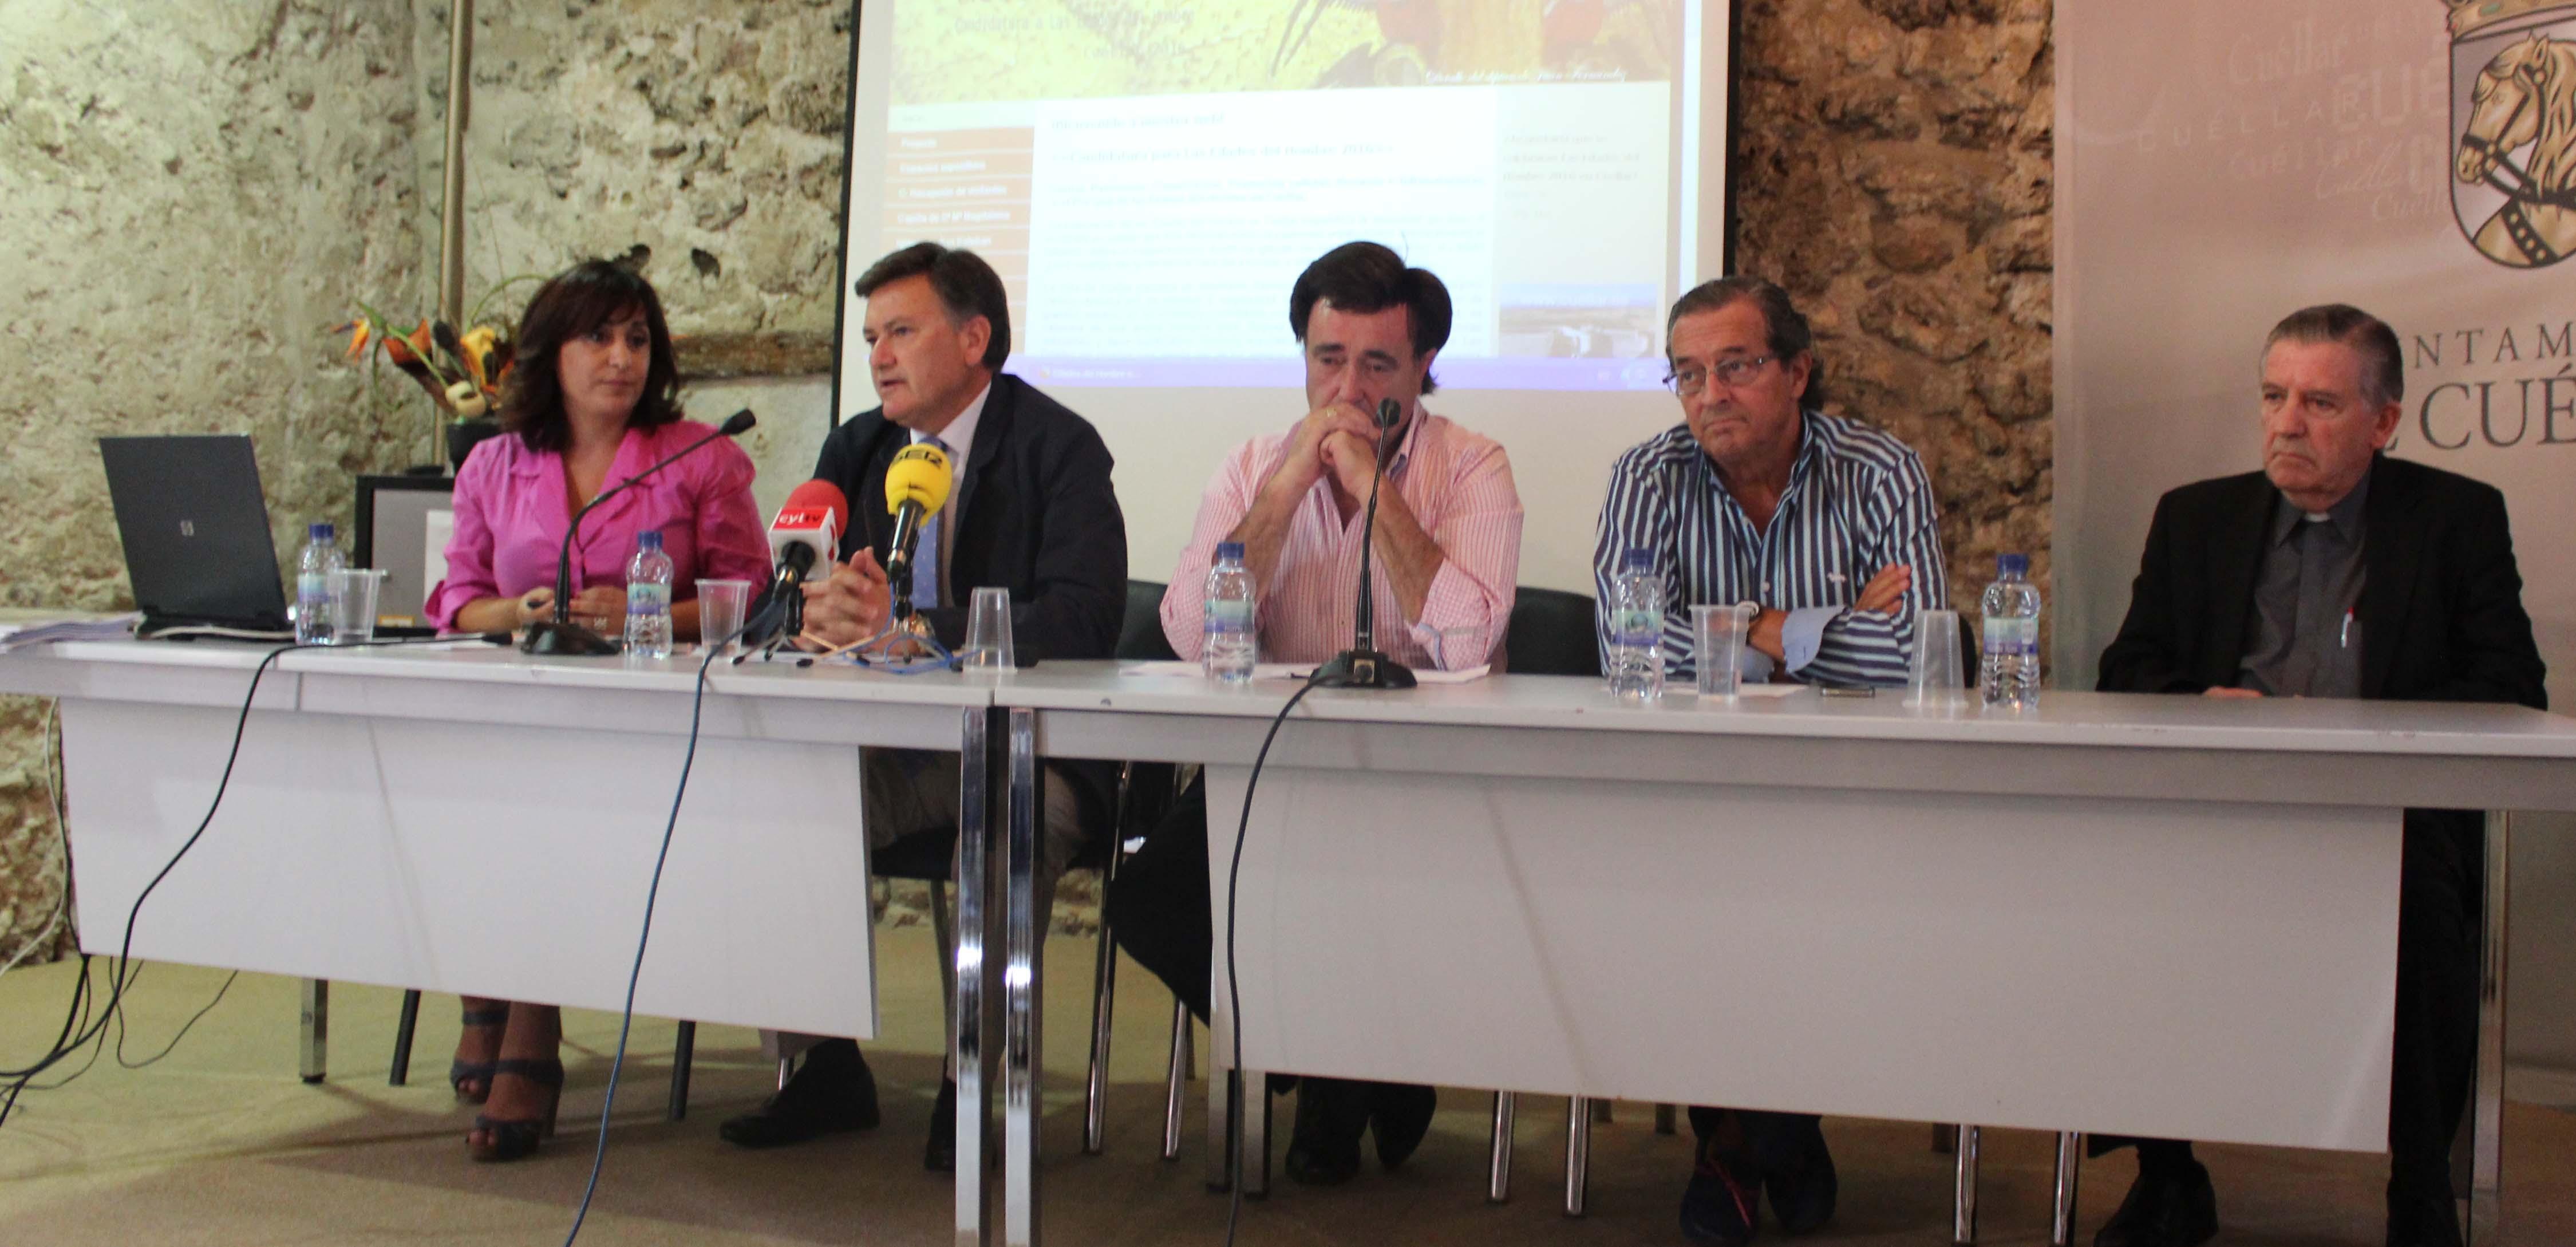 Un momento durante la presentación.De izquierda a derecha: Nuria Fernández, Francisco Vázquez, Jesús García, José Carlos Monsalve y Miguel Ángel Barbado. / J.M.